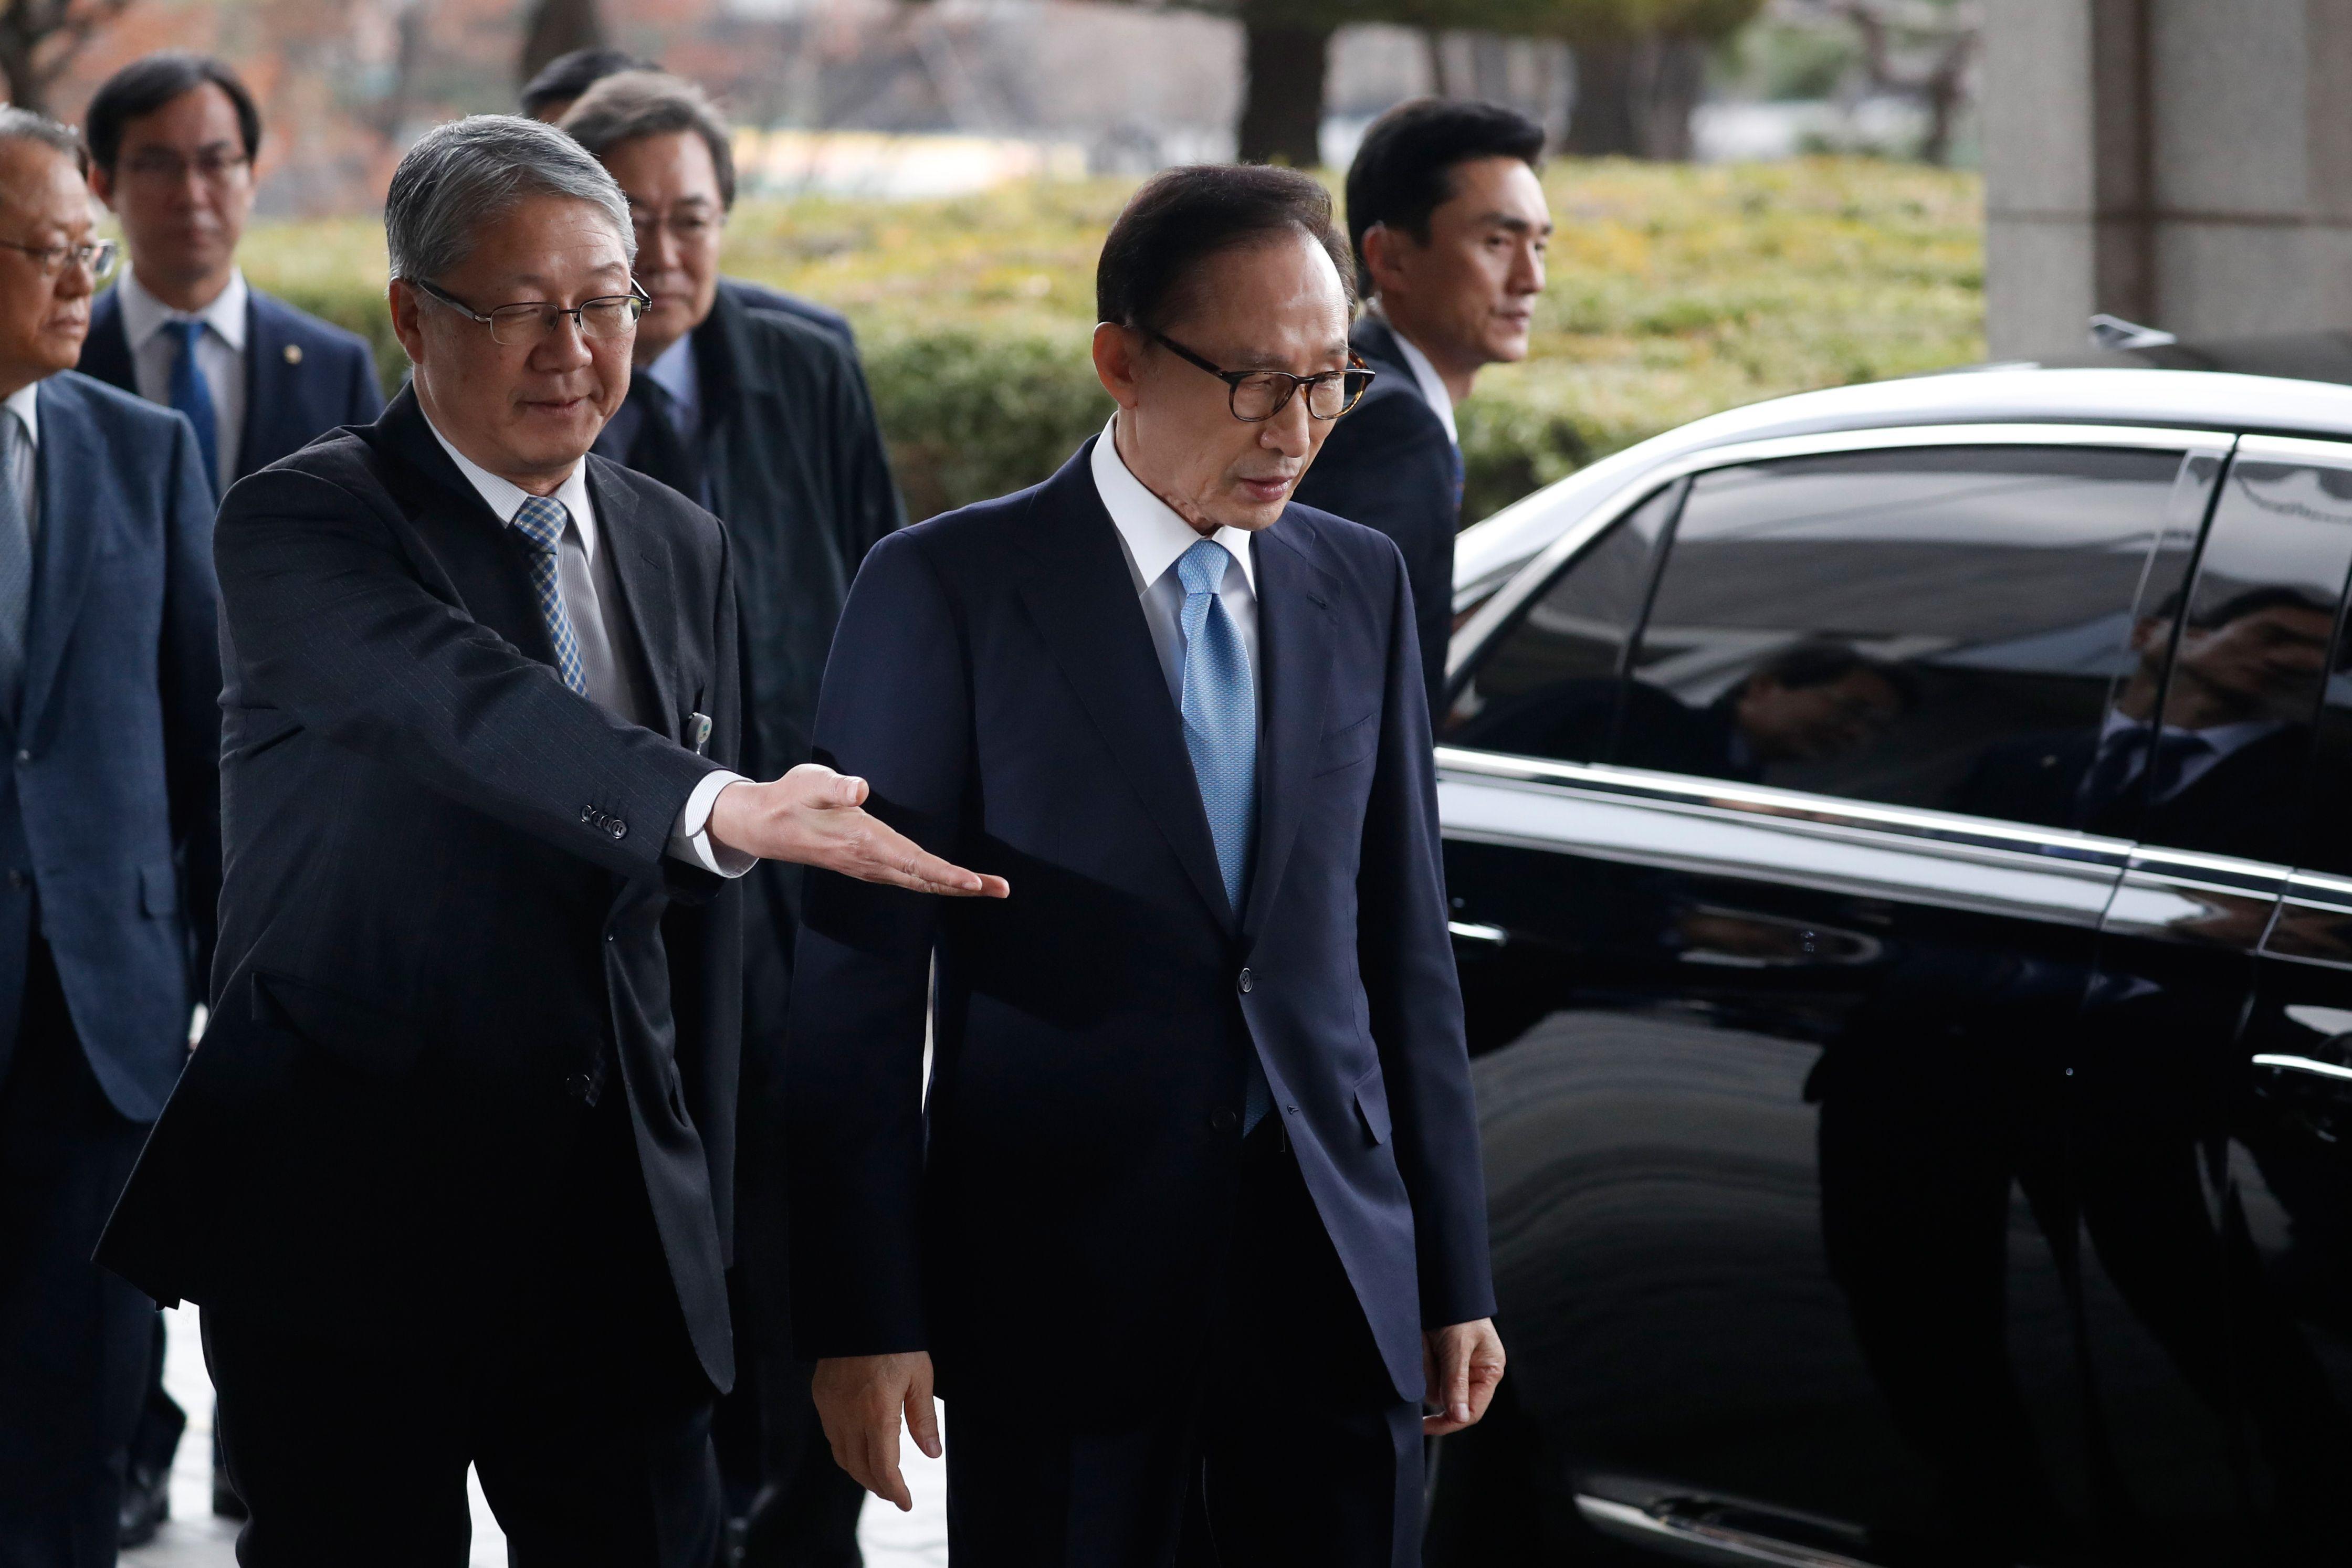 وصول رئيس كوريا الجنوبية السابق للاستجواب